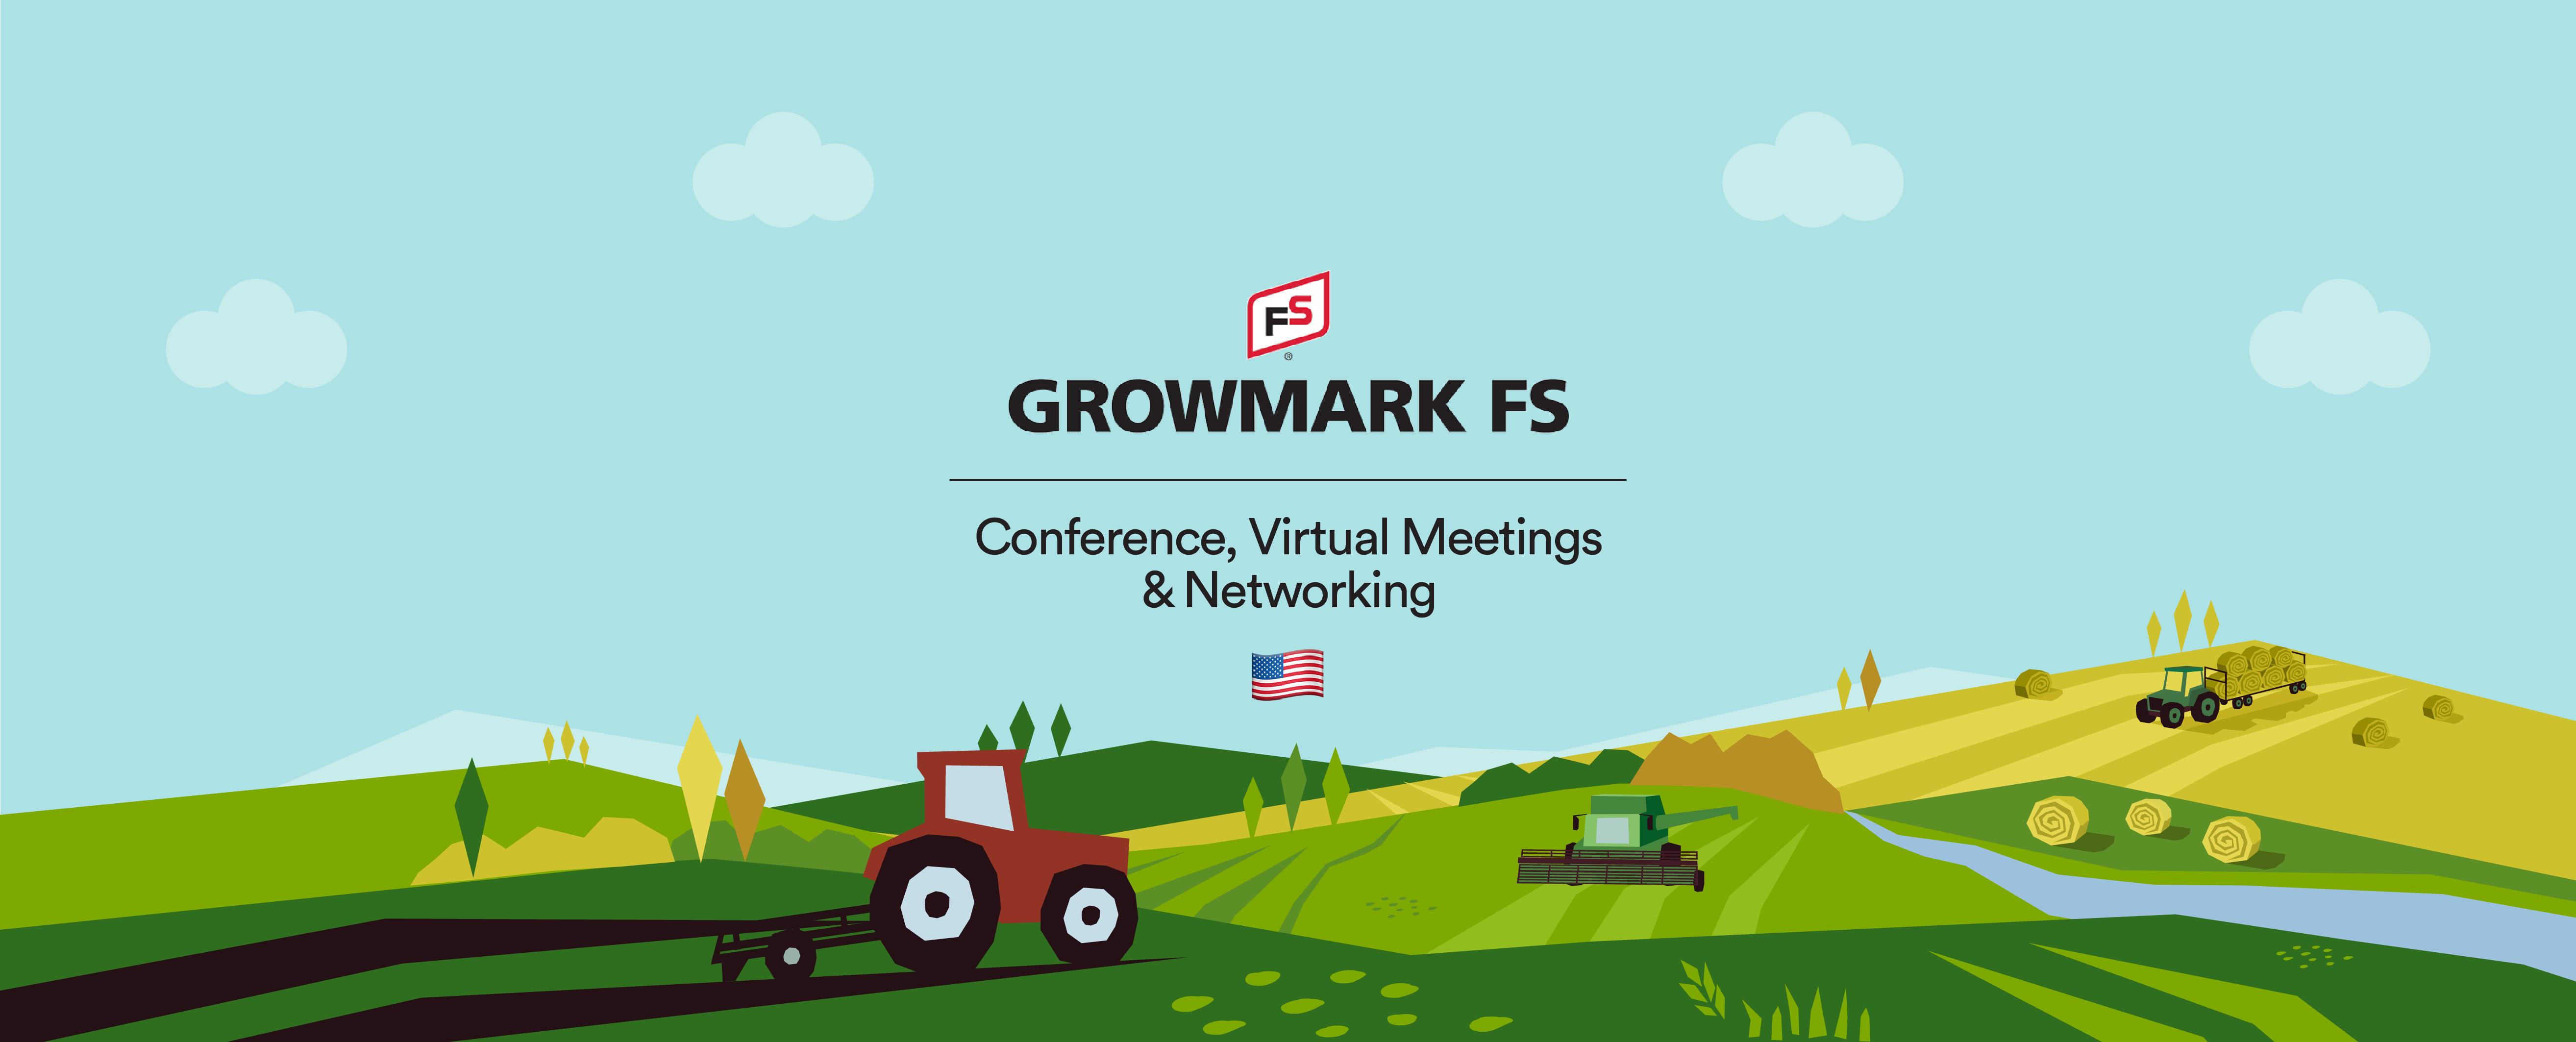 Growmark FS airmeet event